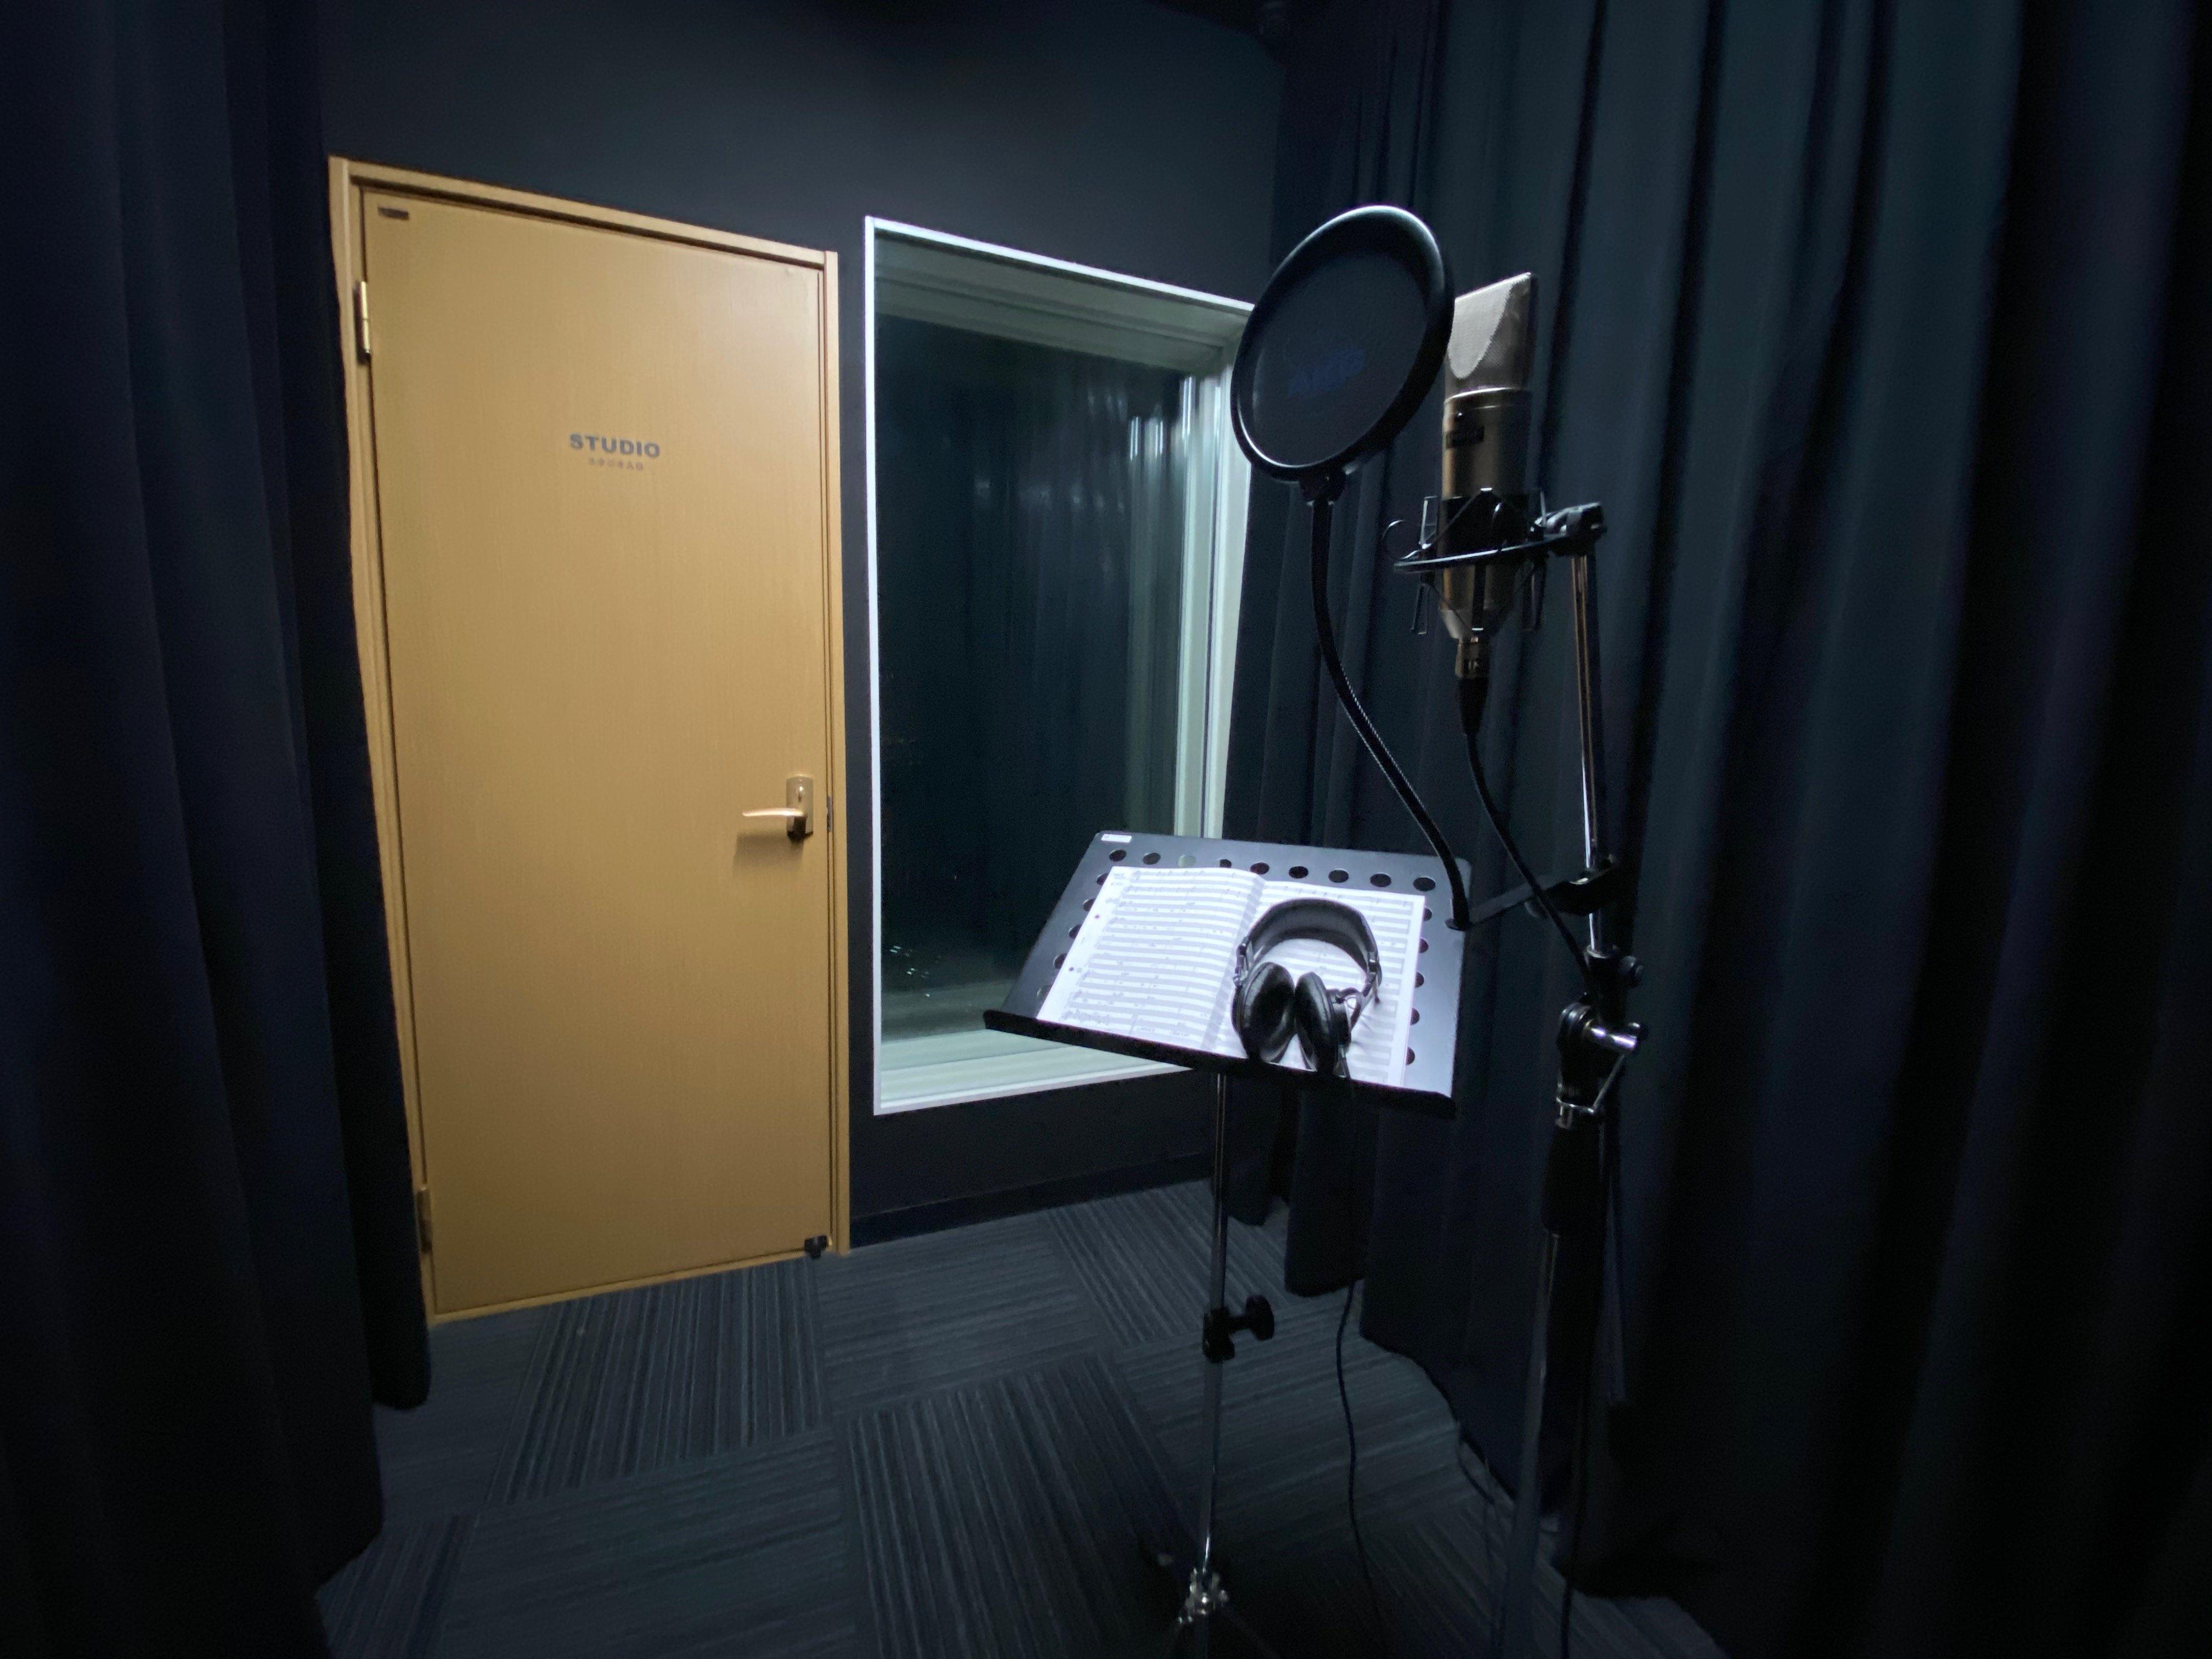 マルチスペースレンタル(1Fスタジオ・3Fホール)【平日午後ブロック 14:00〜17:00】のイメージその3